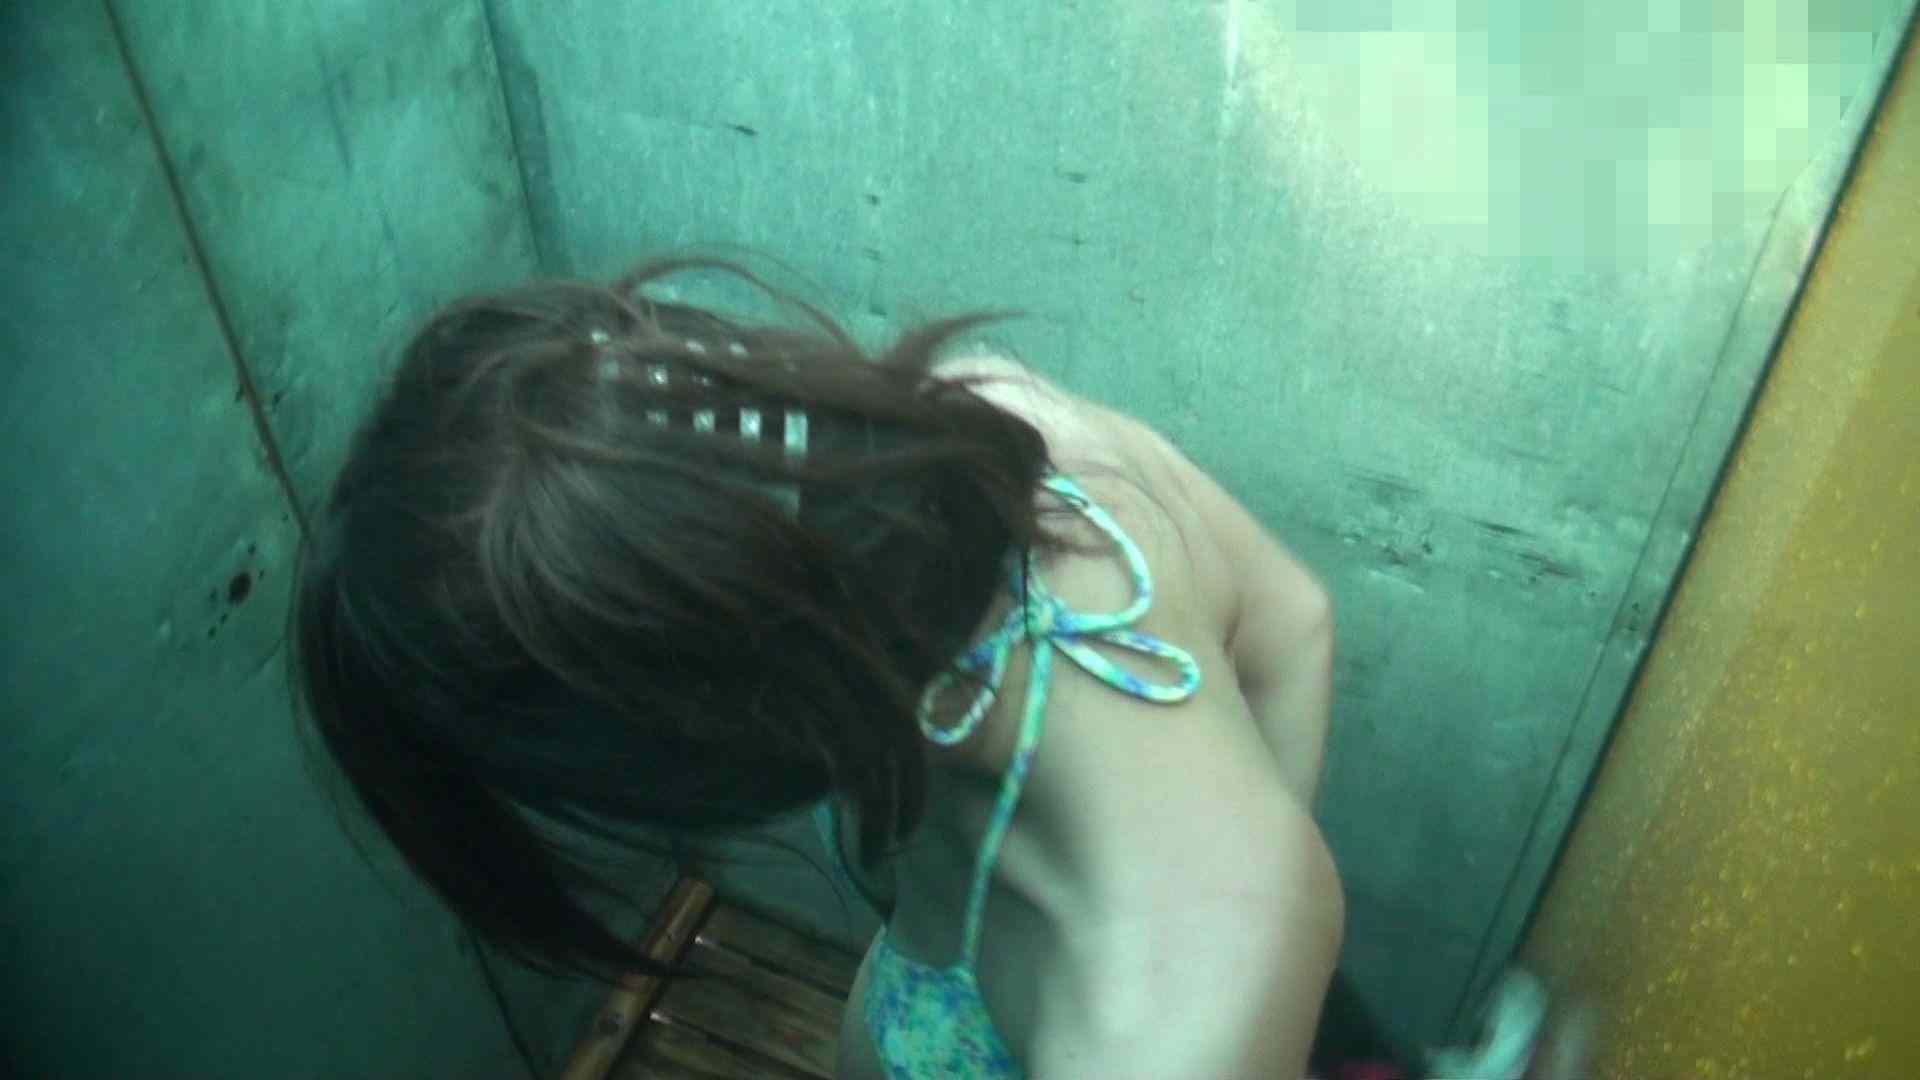 シャワールームは超!!危険な香りVol.15 残念ですが乳首未確認 マンコの砂は入念に シャワー  106画像 20